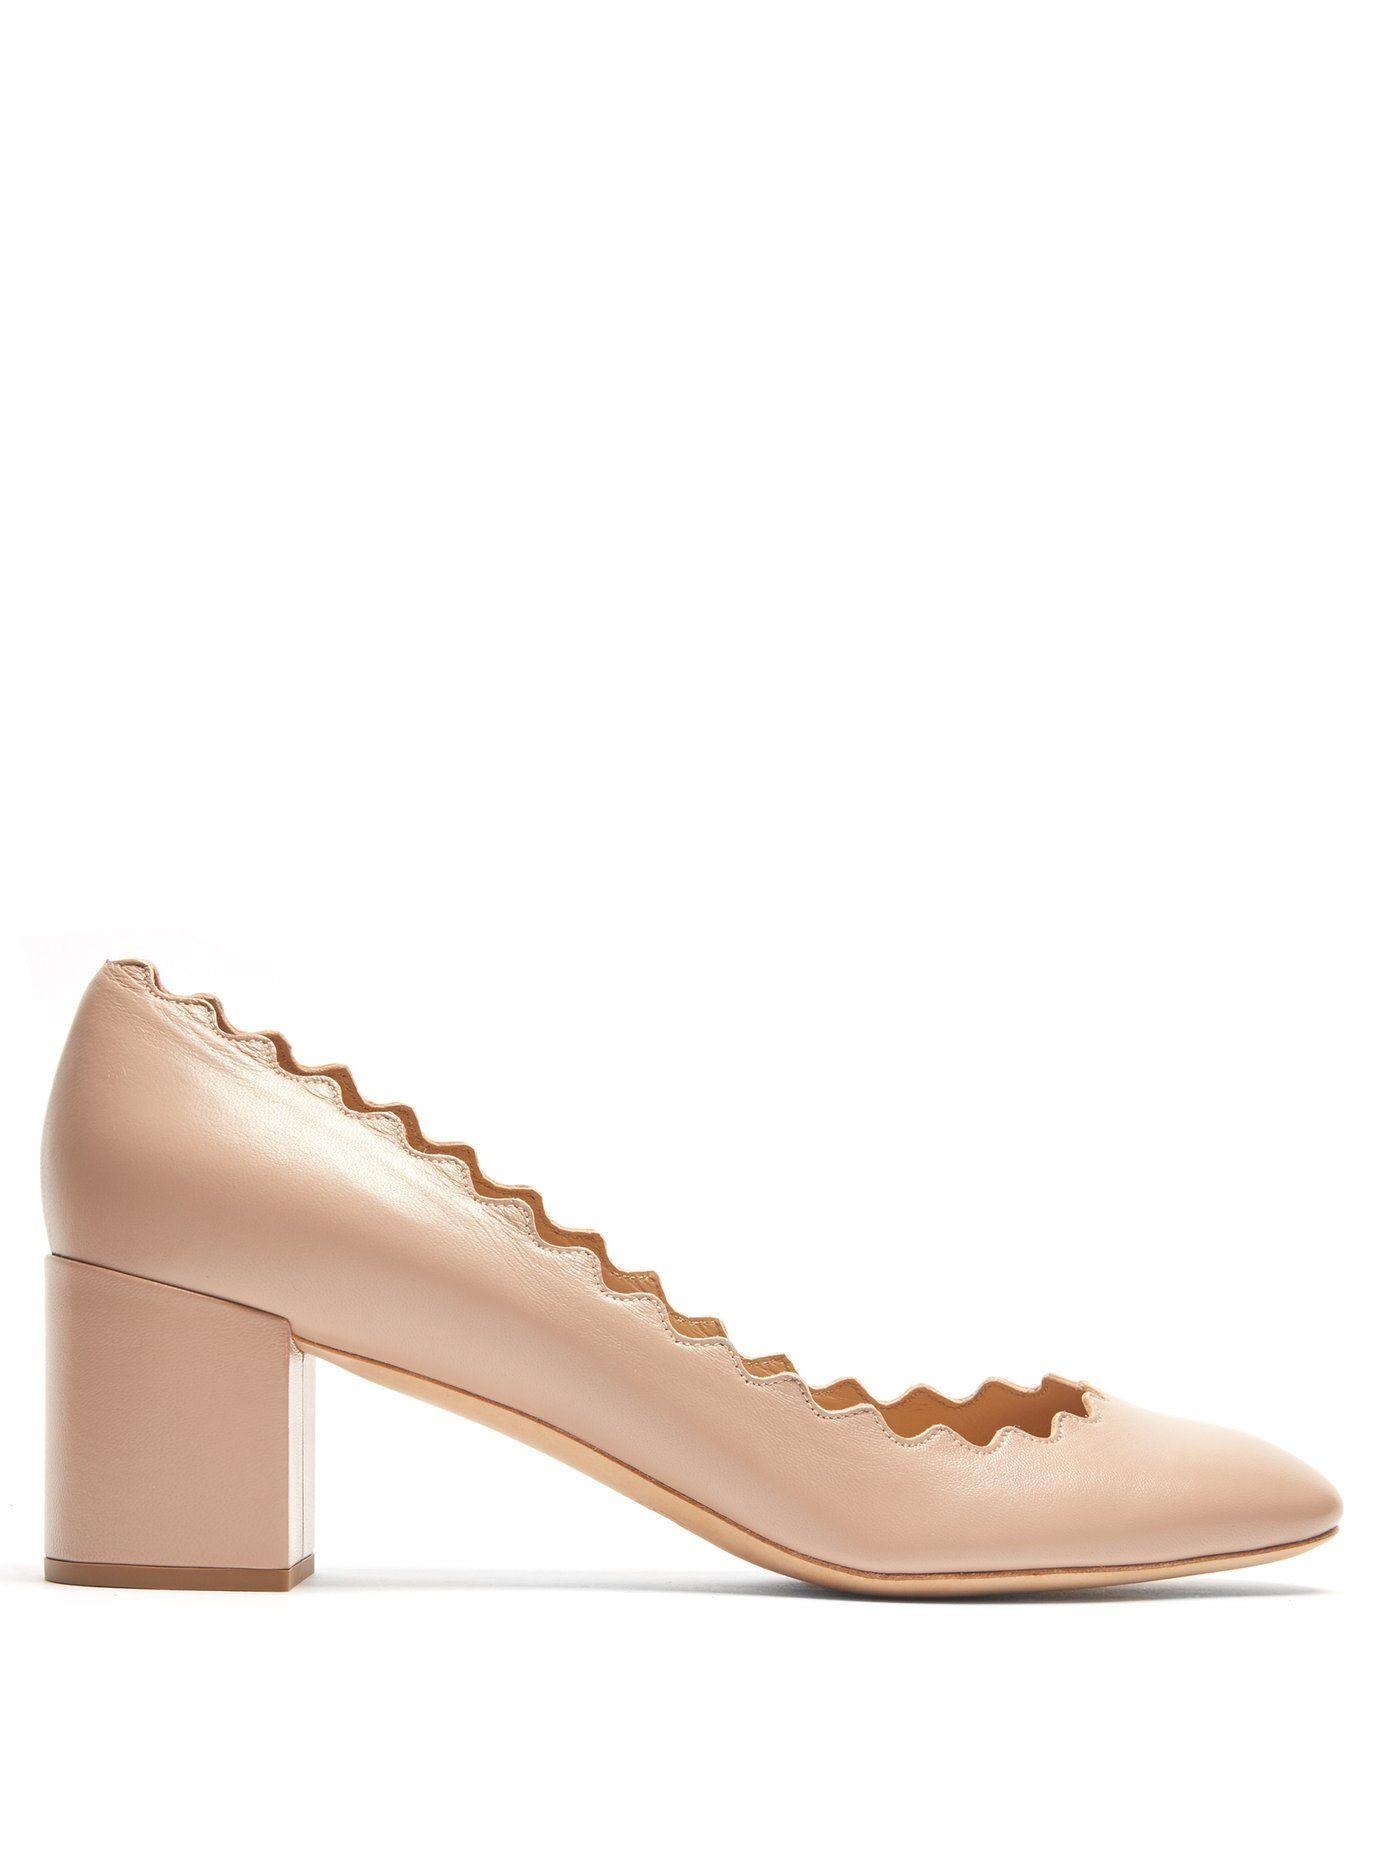 456360587 Lauren scallop-edge leather pumps | Chloé | MATCHESFASHION.COM US ...